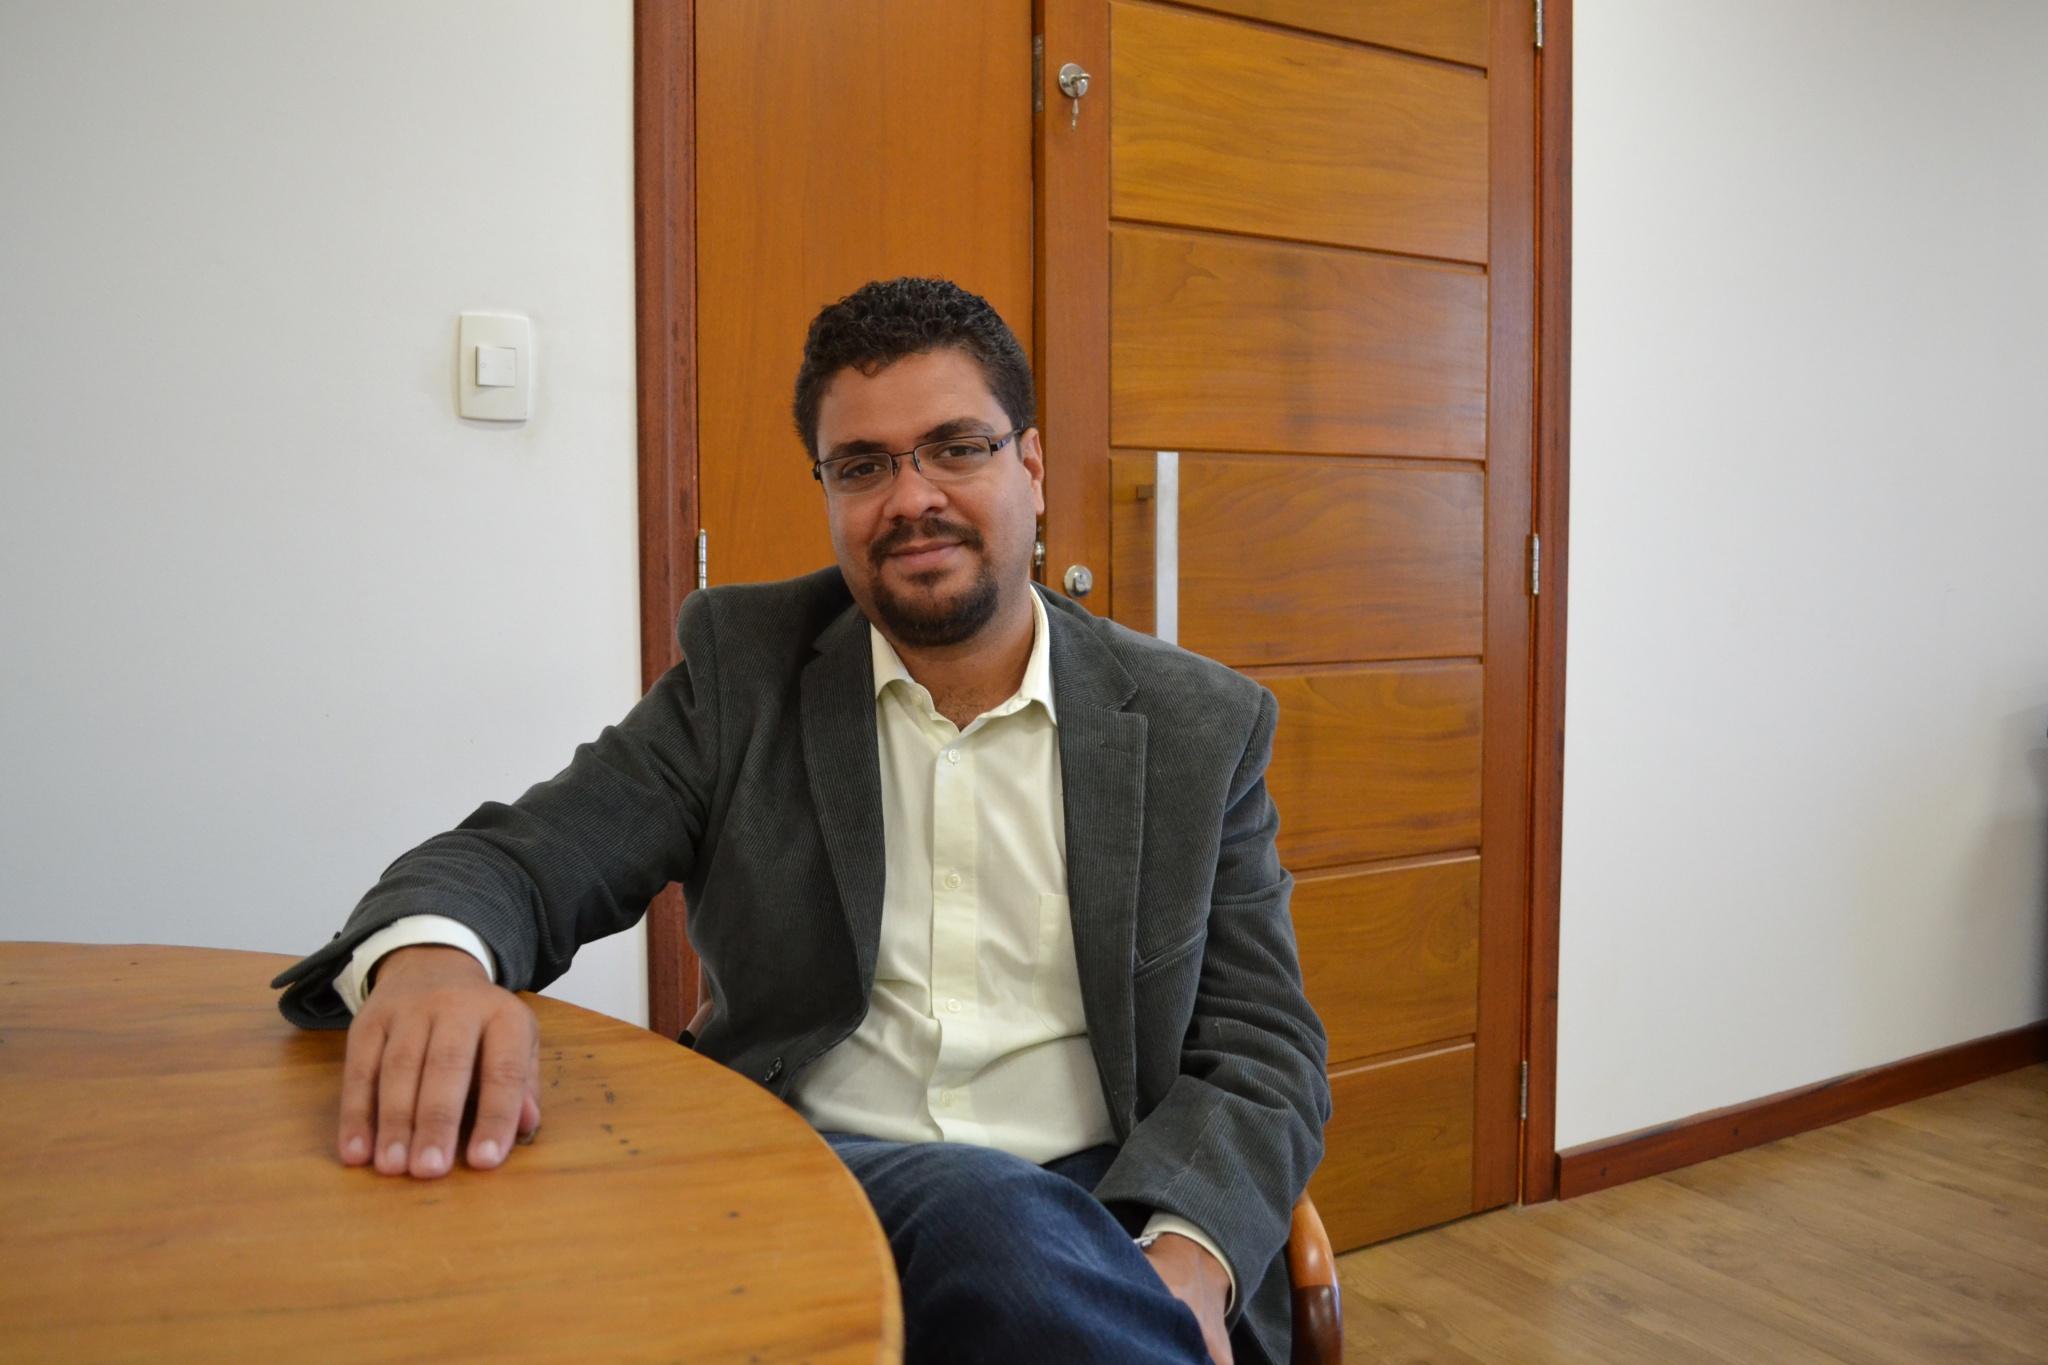 Hêider Pinto, representante do Ministério da Saúde. Foto: Camila Delondes. ARPI-FCM/Unicamp